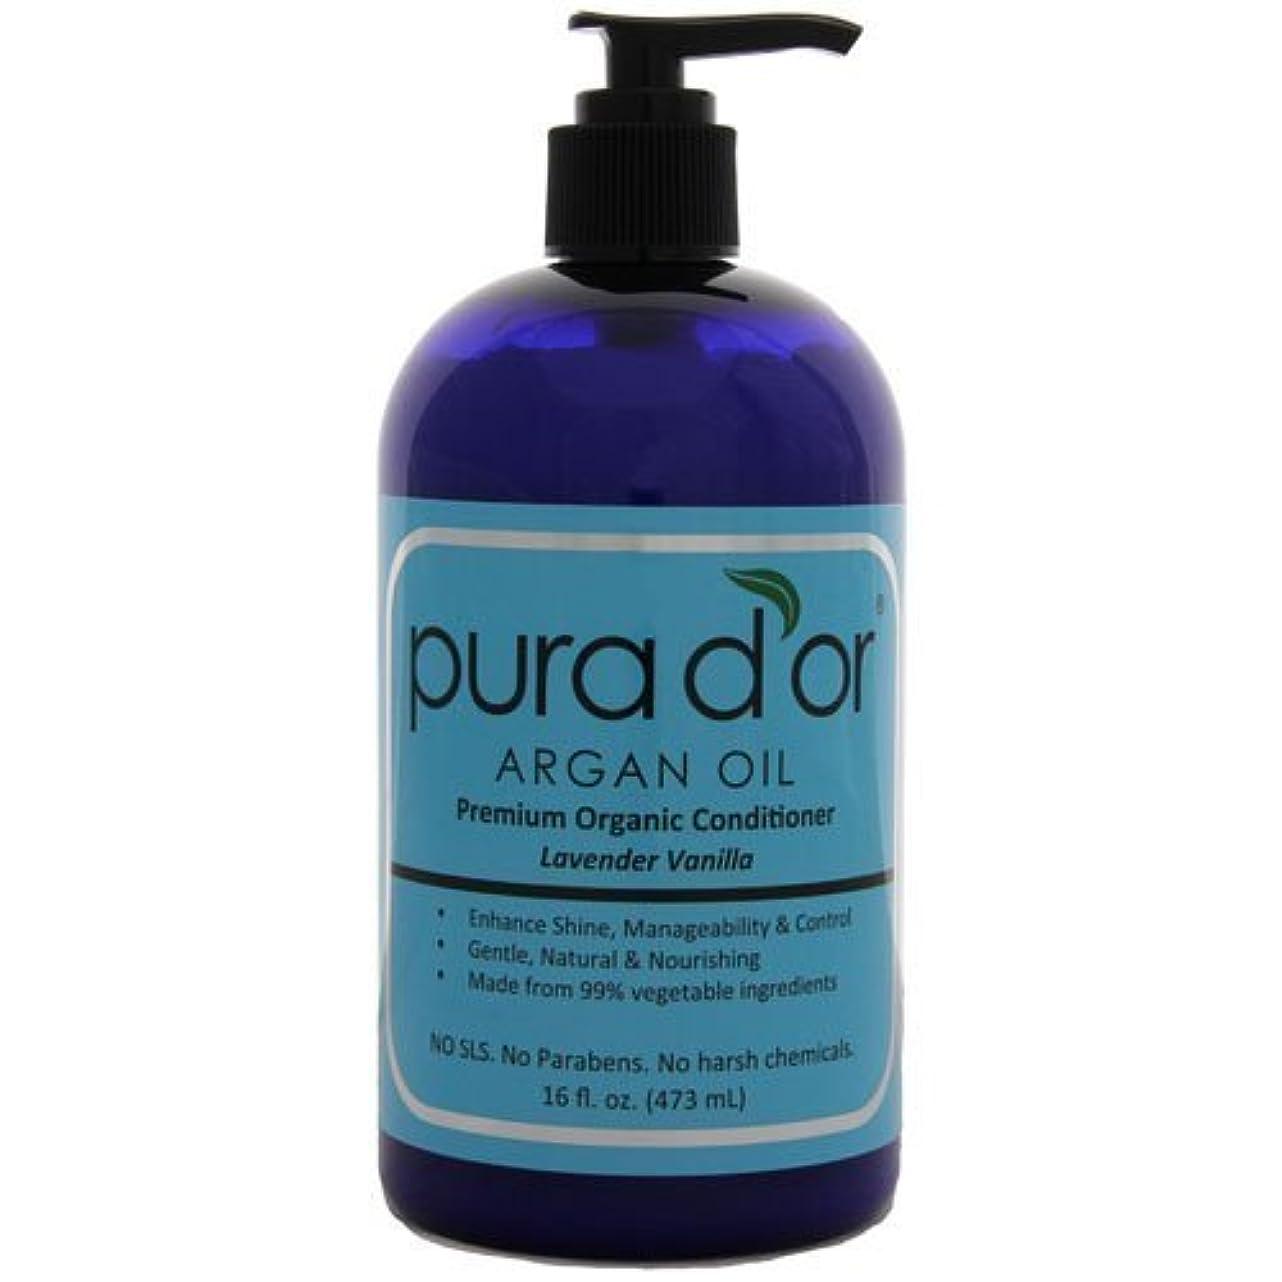 ライセンス透けて見える法令Pura d'or: Premium Organic Argan oil Conditioner for Hair (16 fl. oz.) by Pura D'or [並行輸入品]